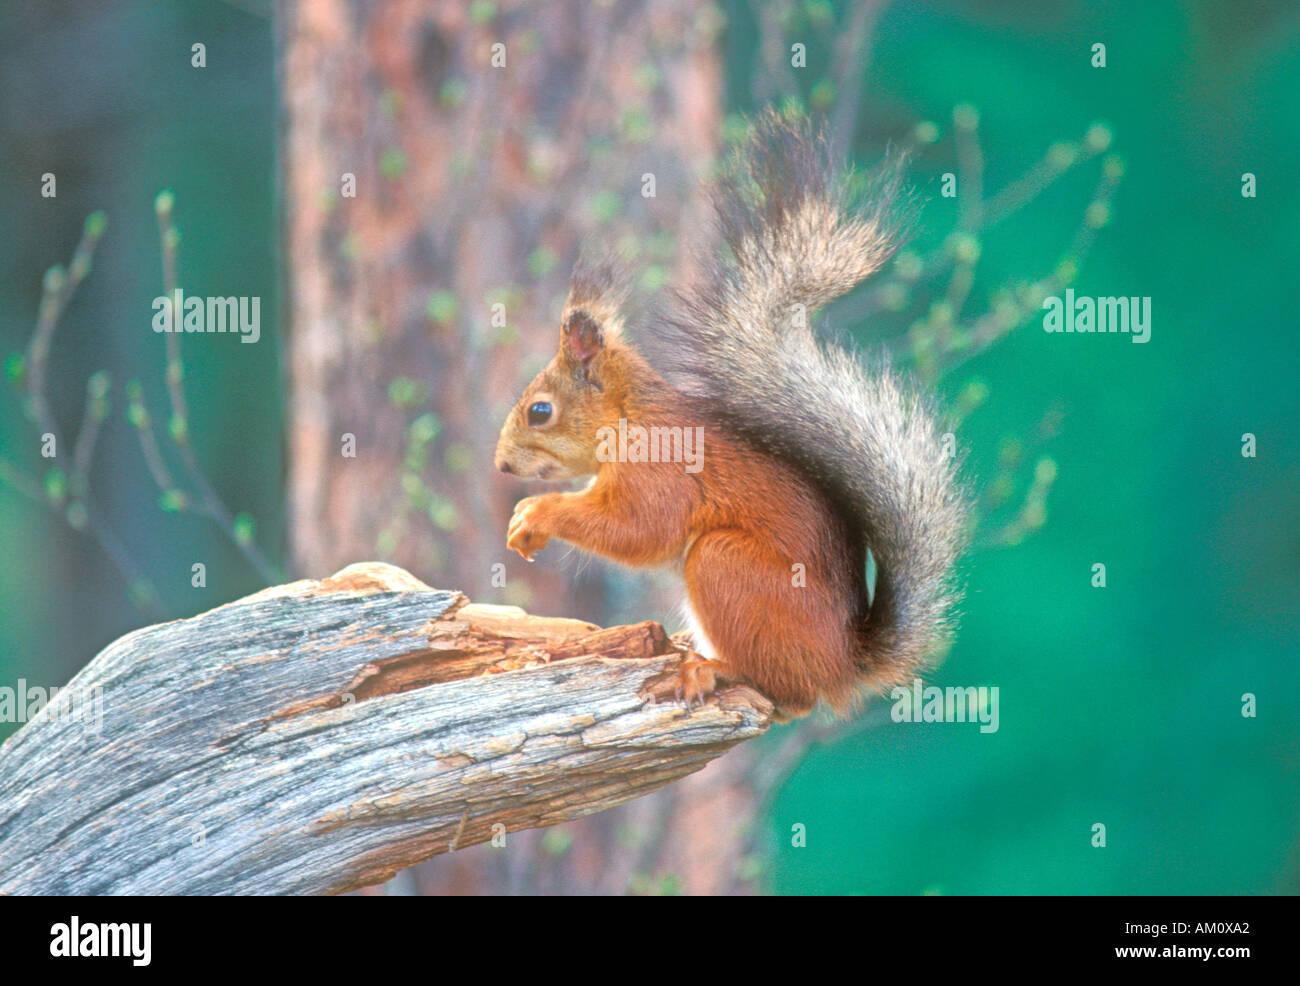 Debout sur une souche d'arbre Finlande Photo Stock